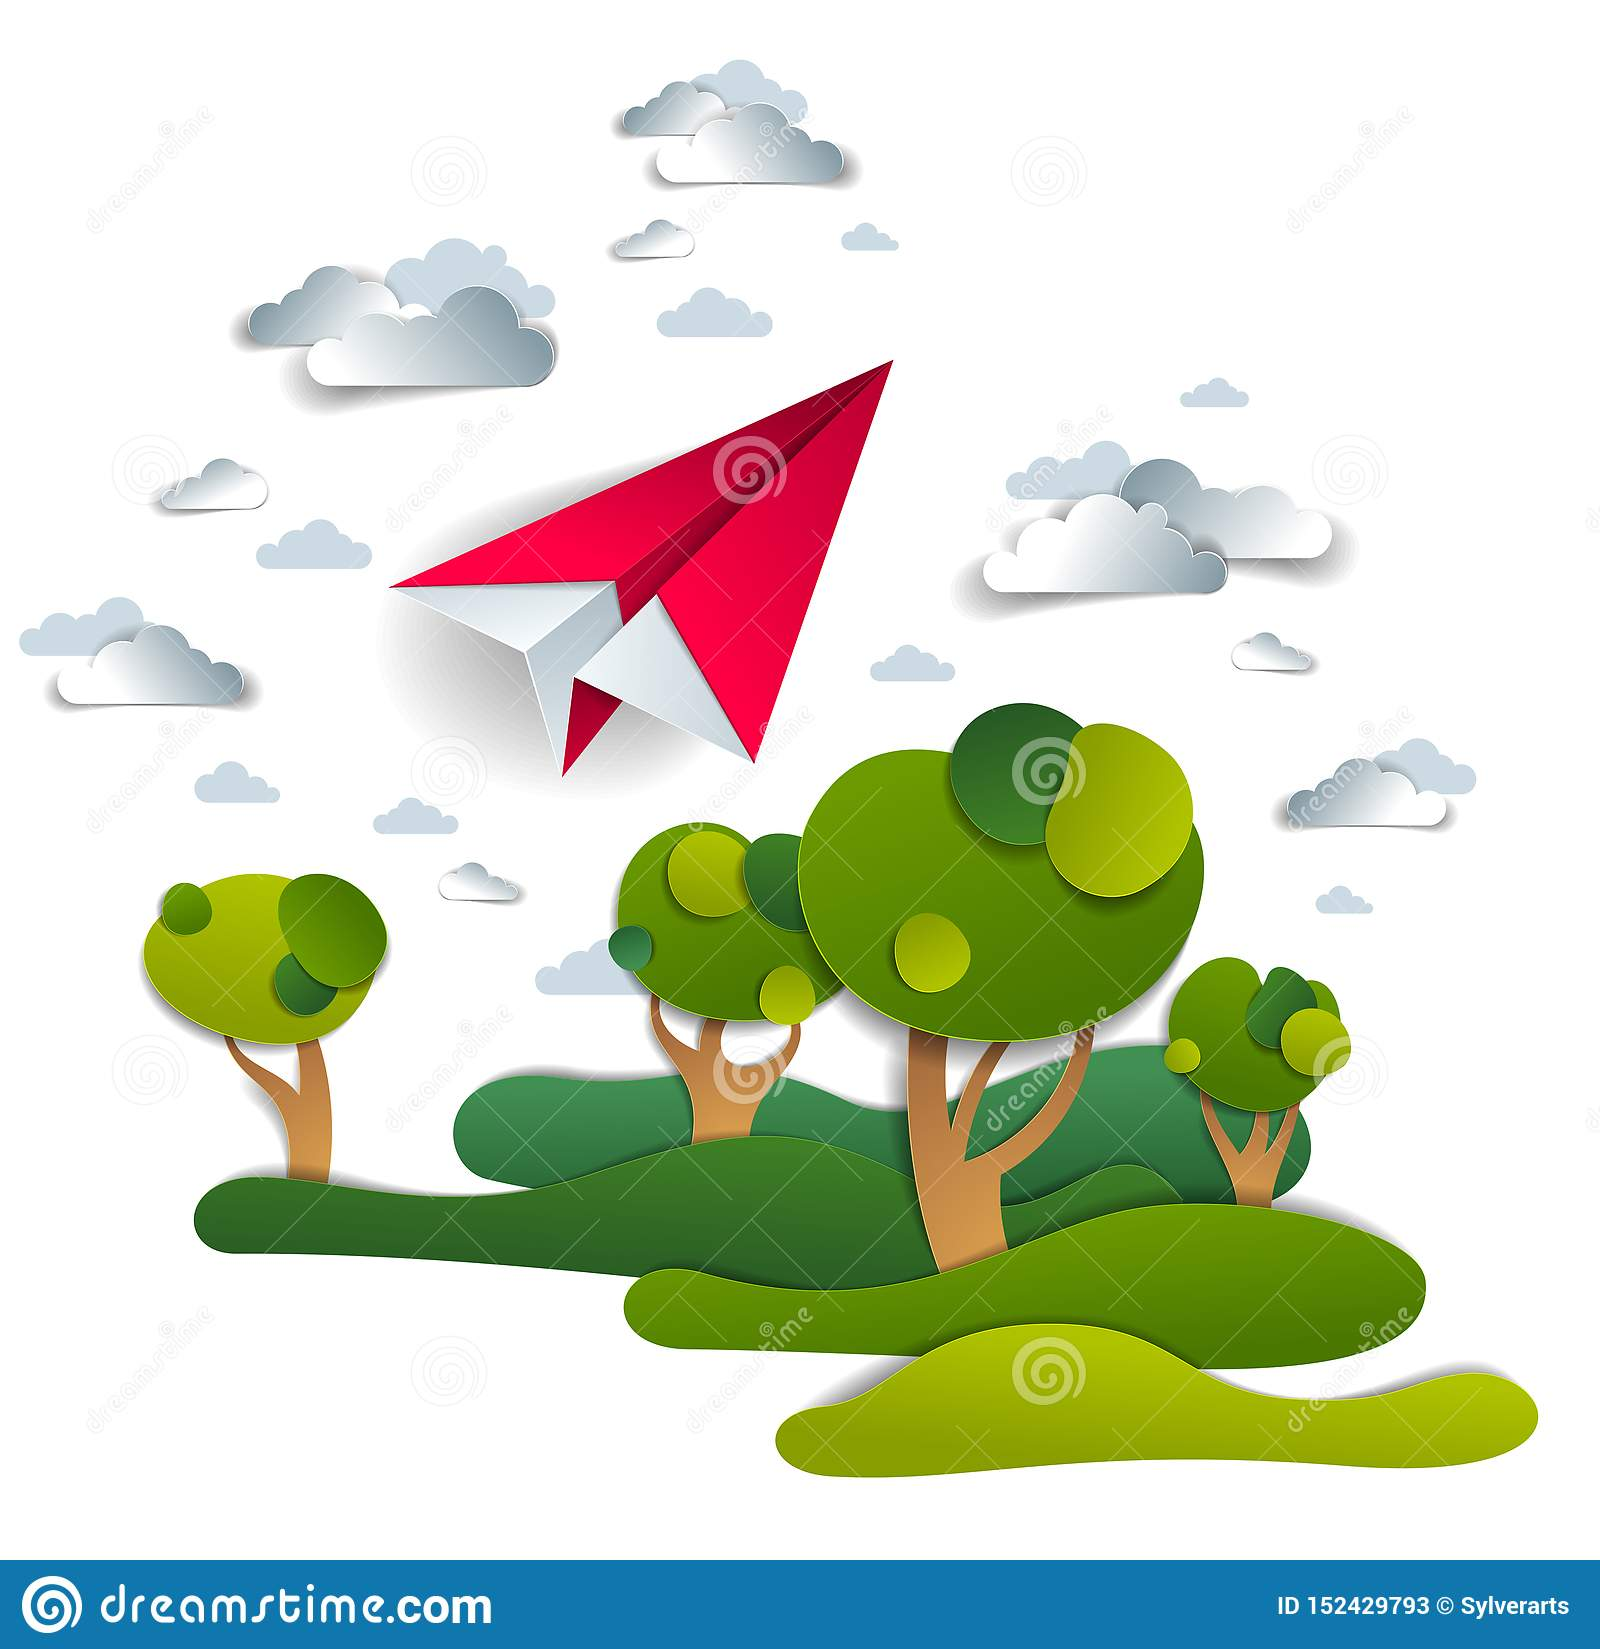 Flaches Spielzeugfliegen des Origamipapiers im Himmel ?ber Wiesen und B?umen, perfekte Vektorillustration der szenischen Naturlan